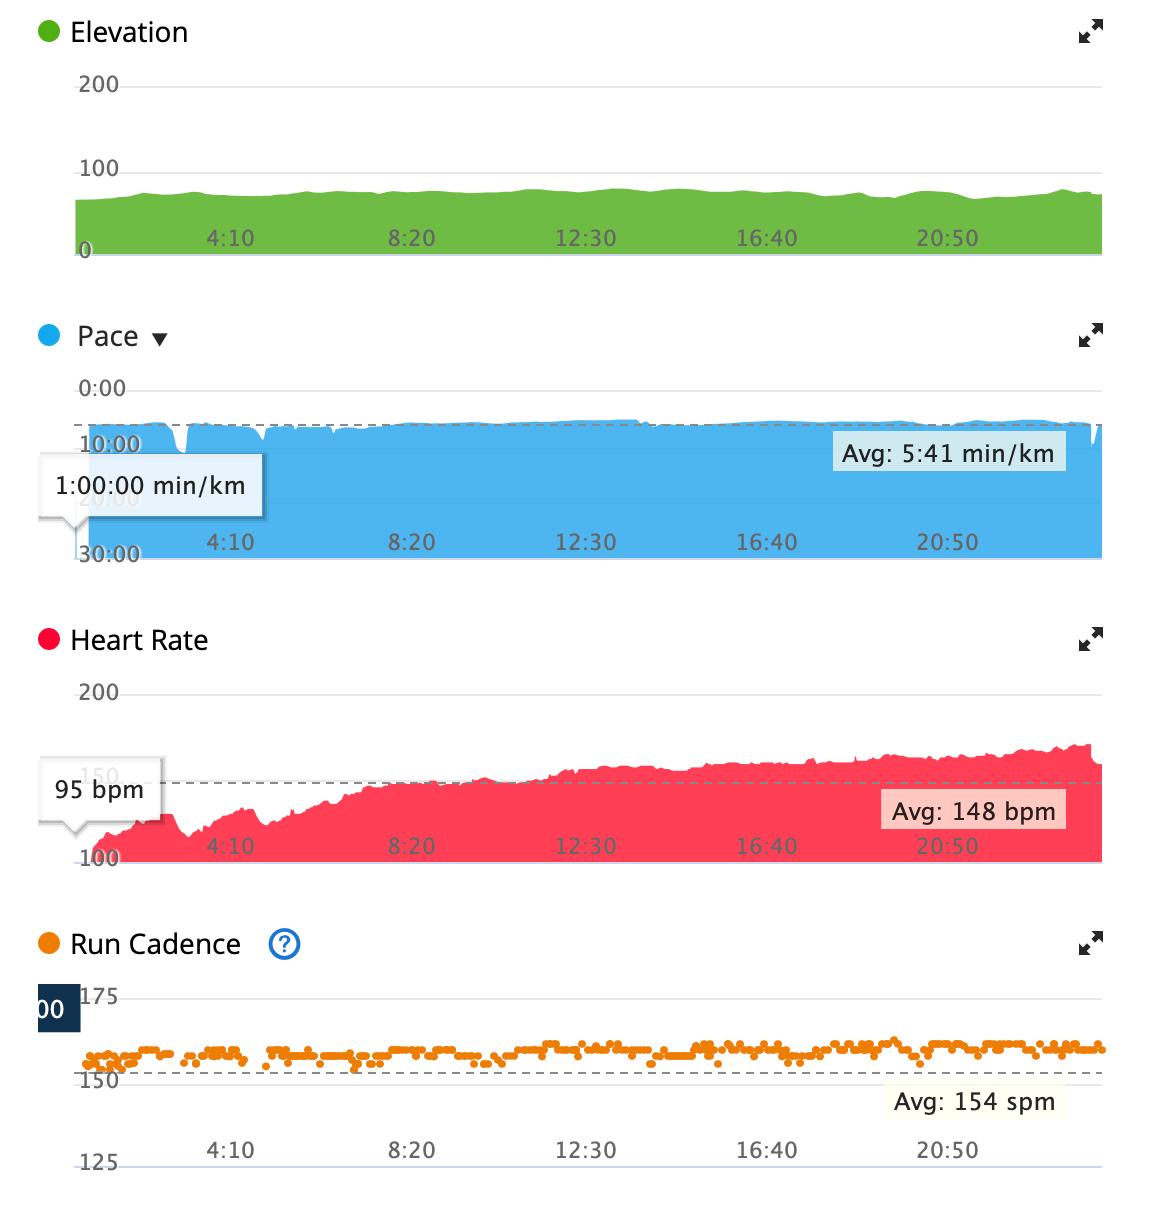 garmin connectでのランニング計測データ(ケイデンスなど)